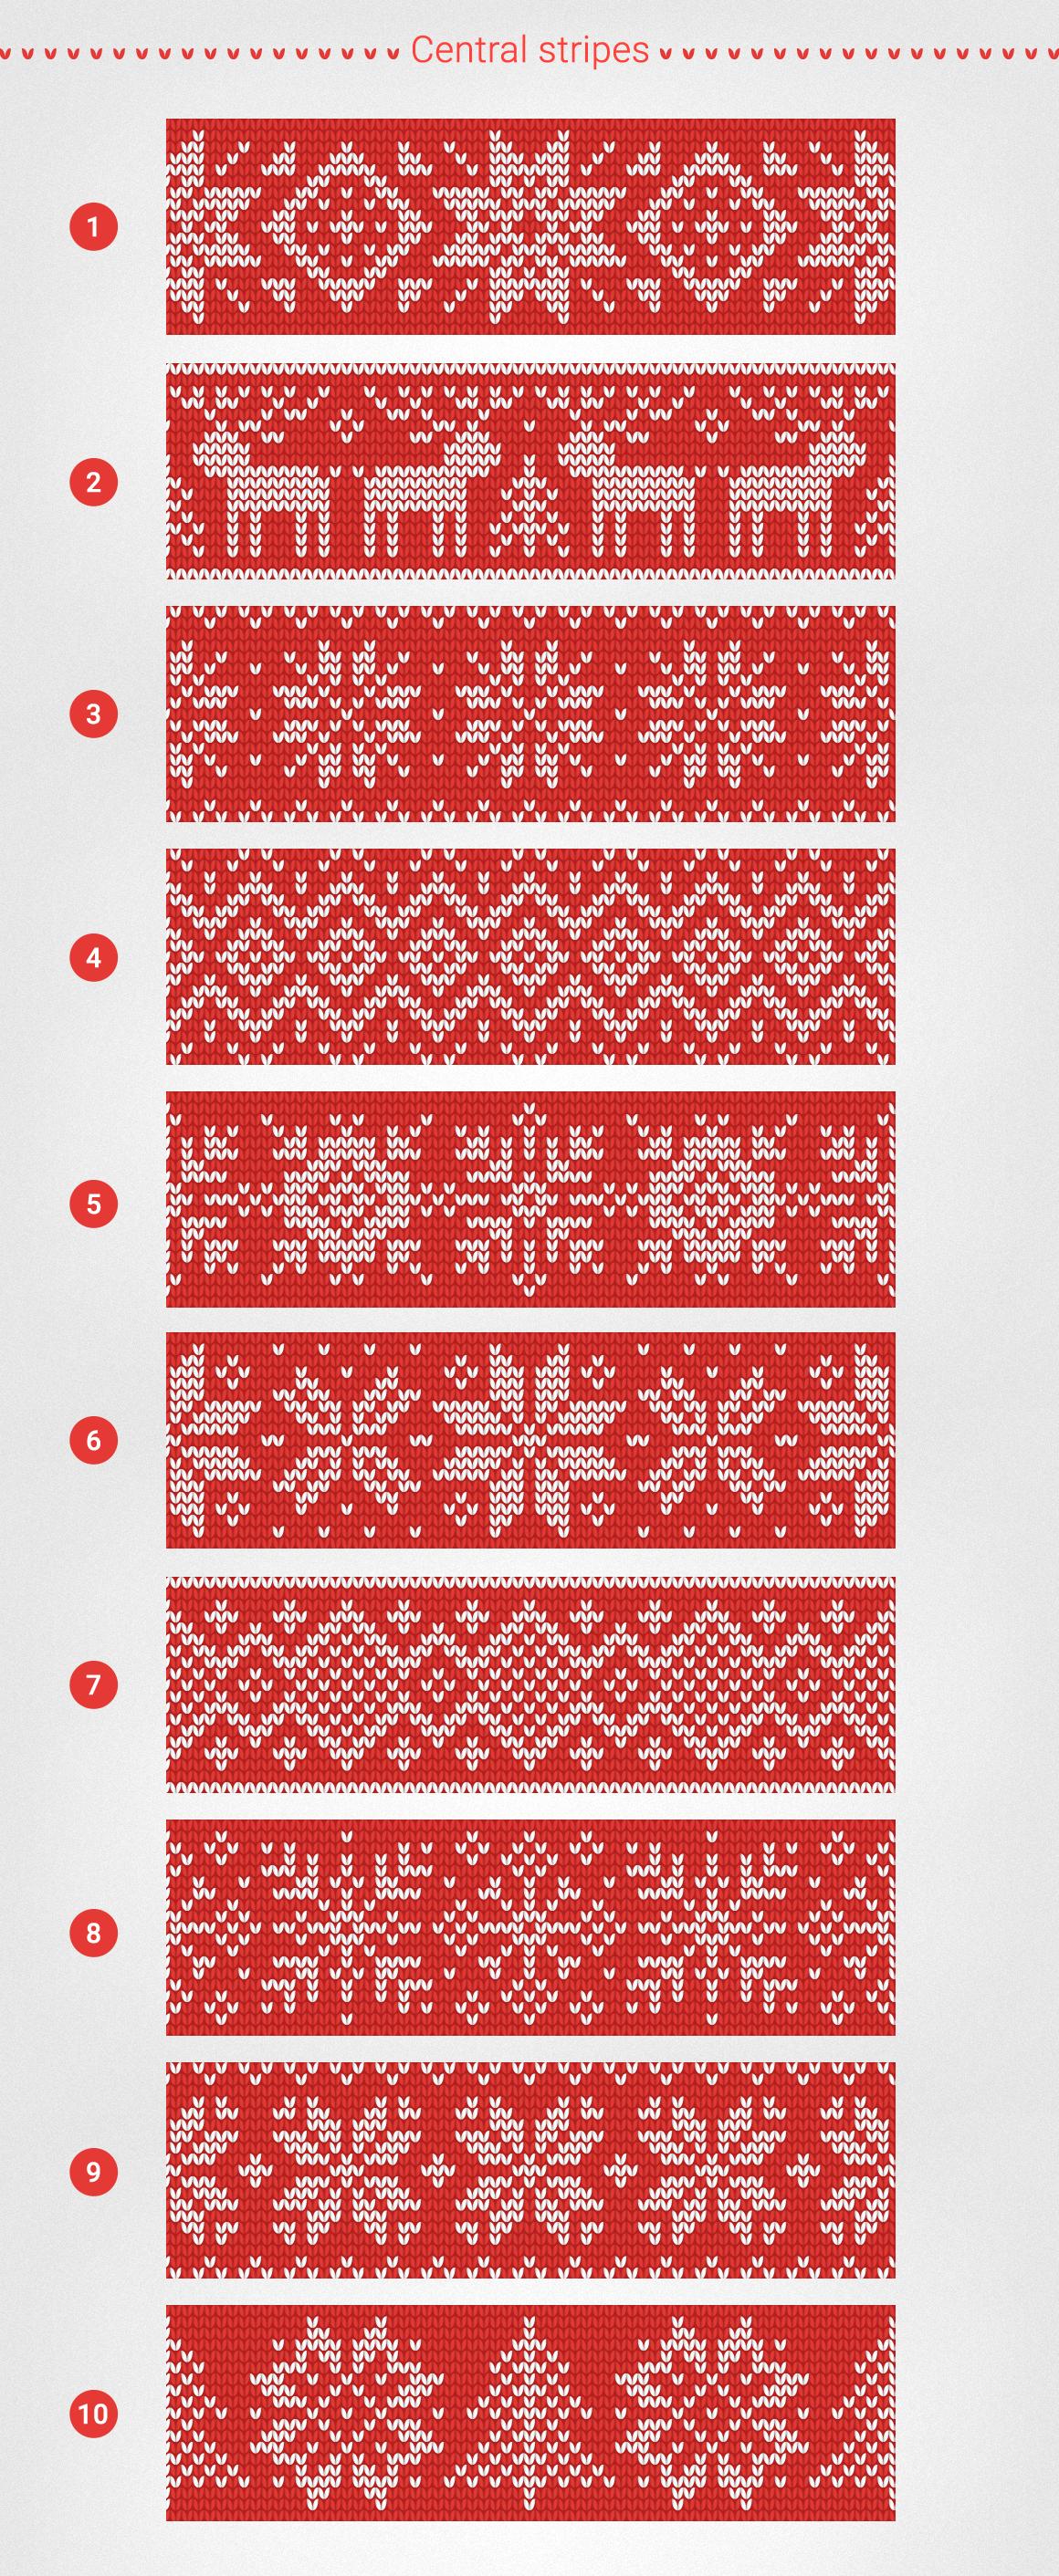 1000 Knitting Patterns Generator example image 7